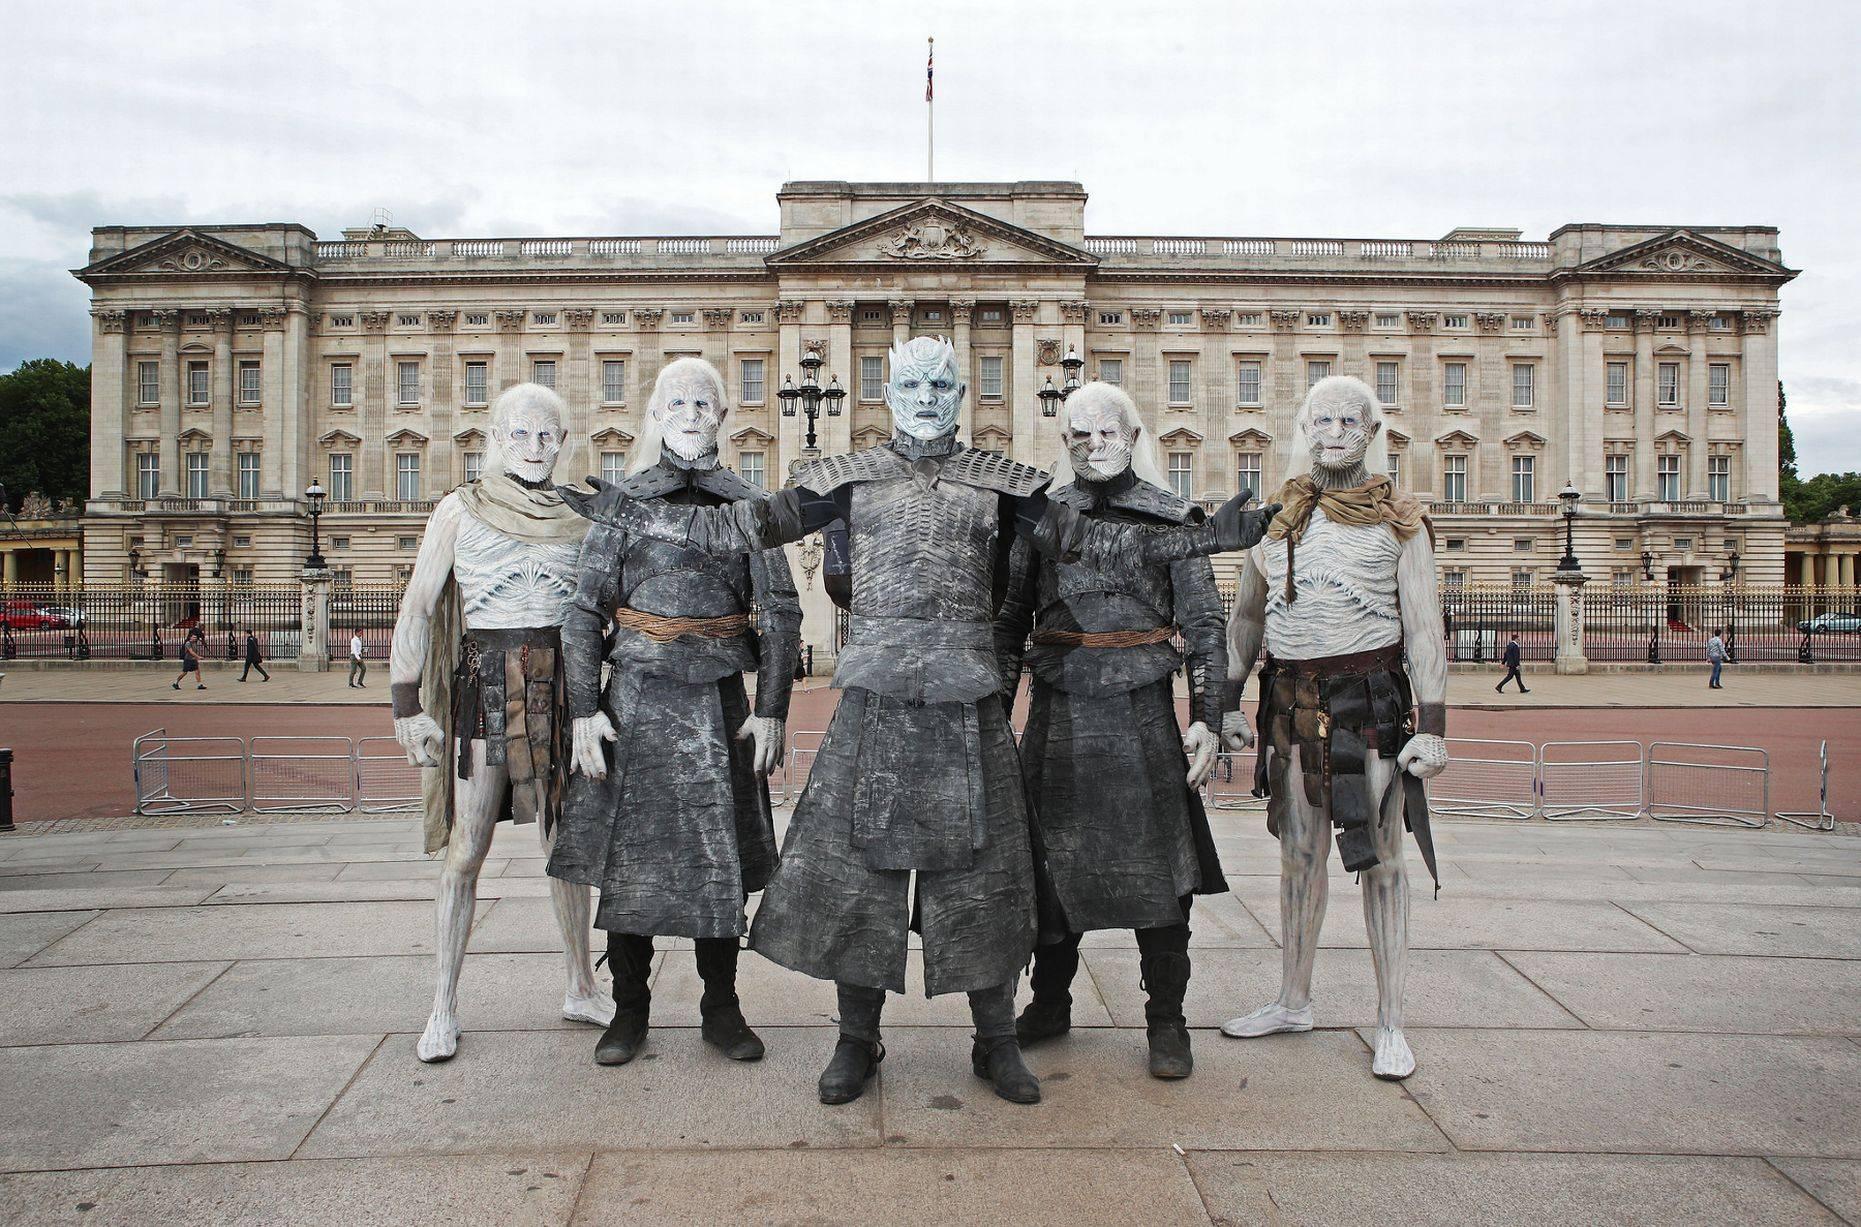 Фото: Белые ходоки из «Игры престолов» прошлись по Лондону 10